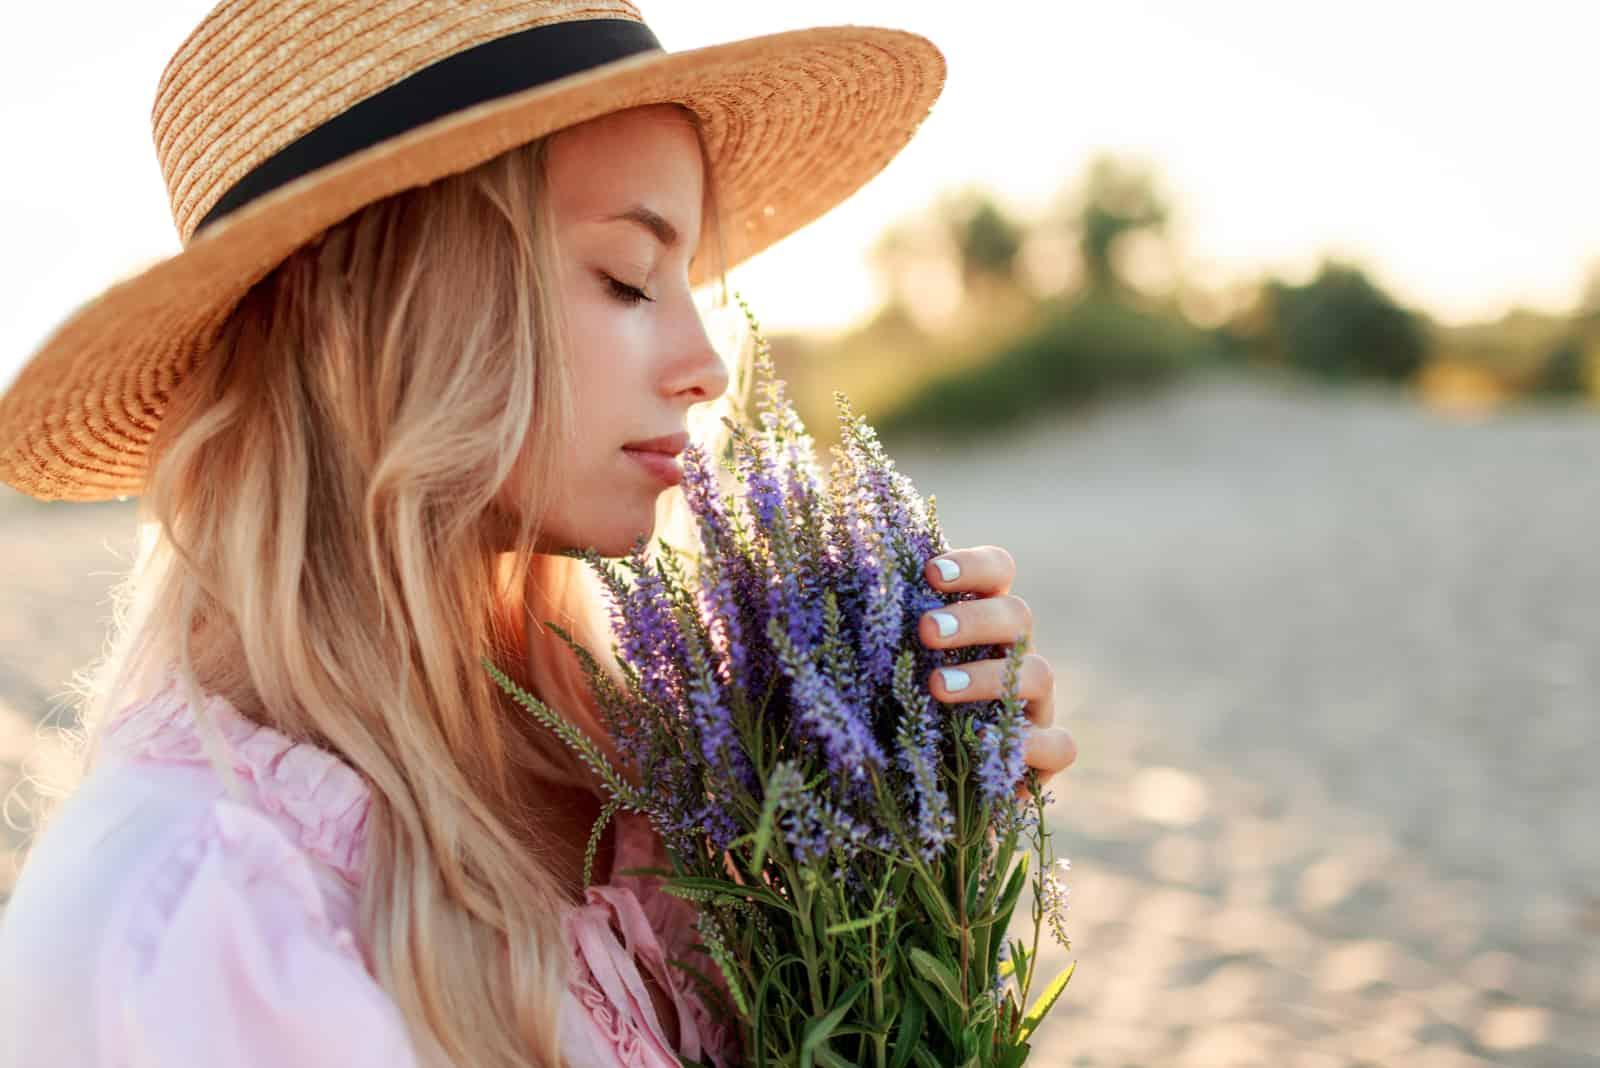 charmantes blondes Mädchen mit Strohhut riecht nach Blumen